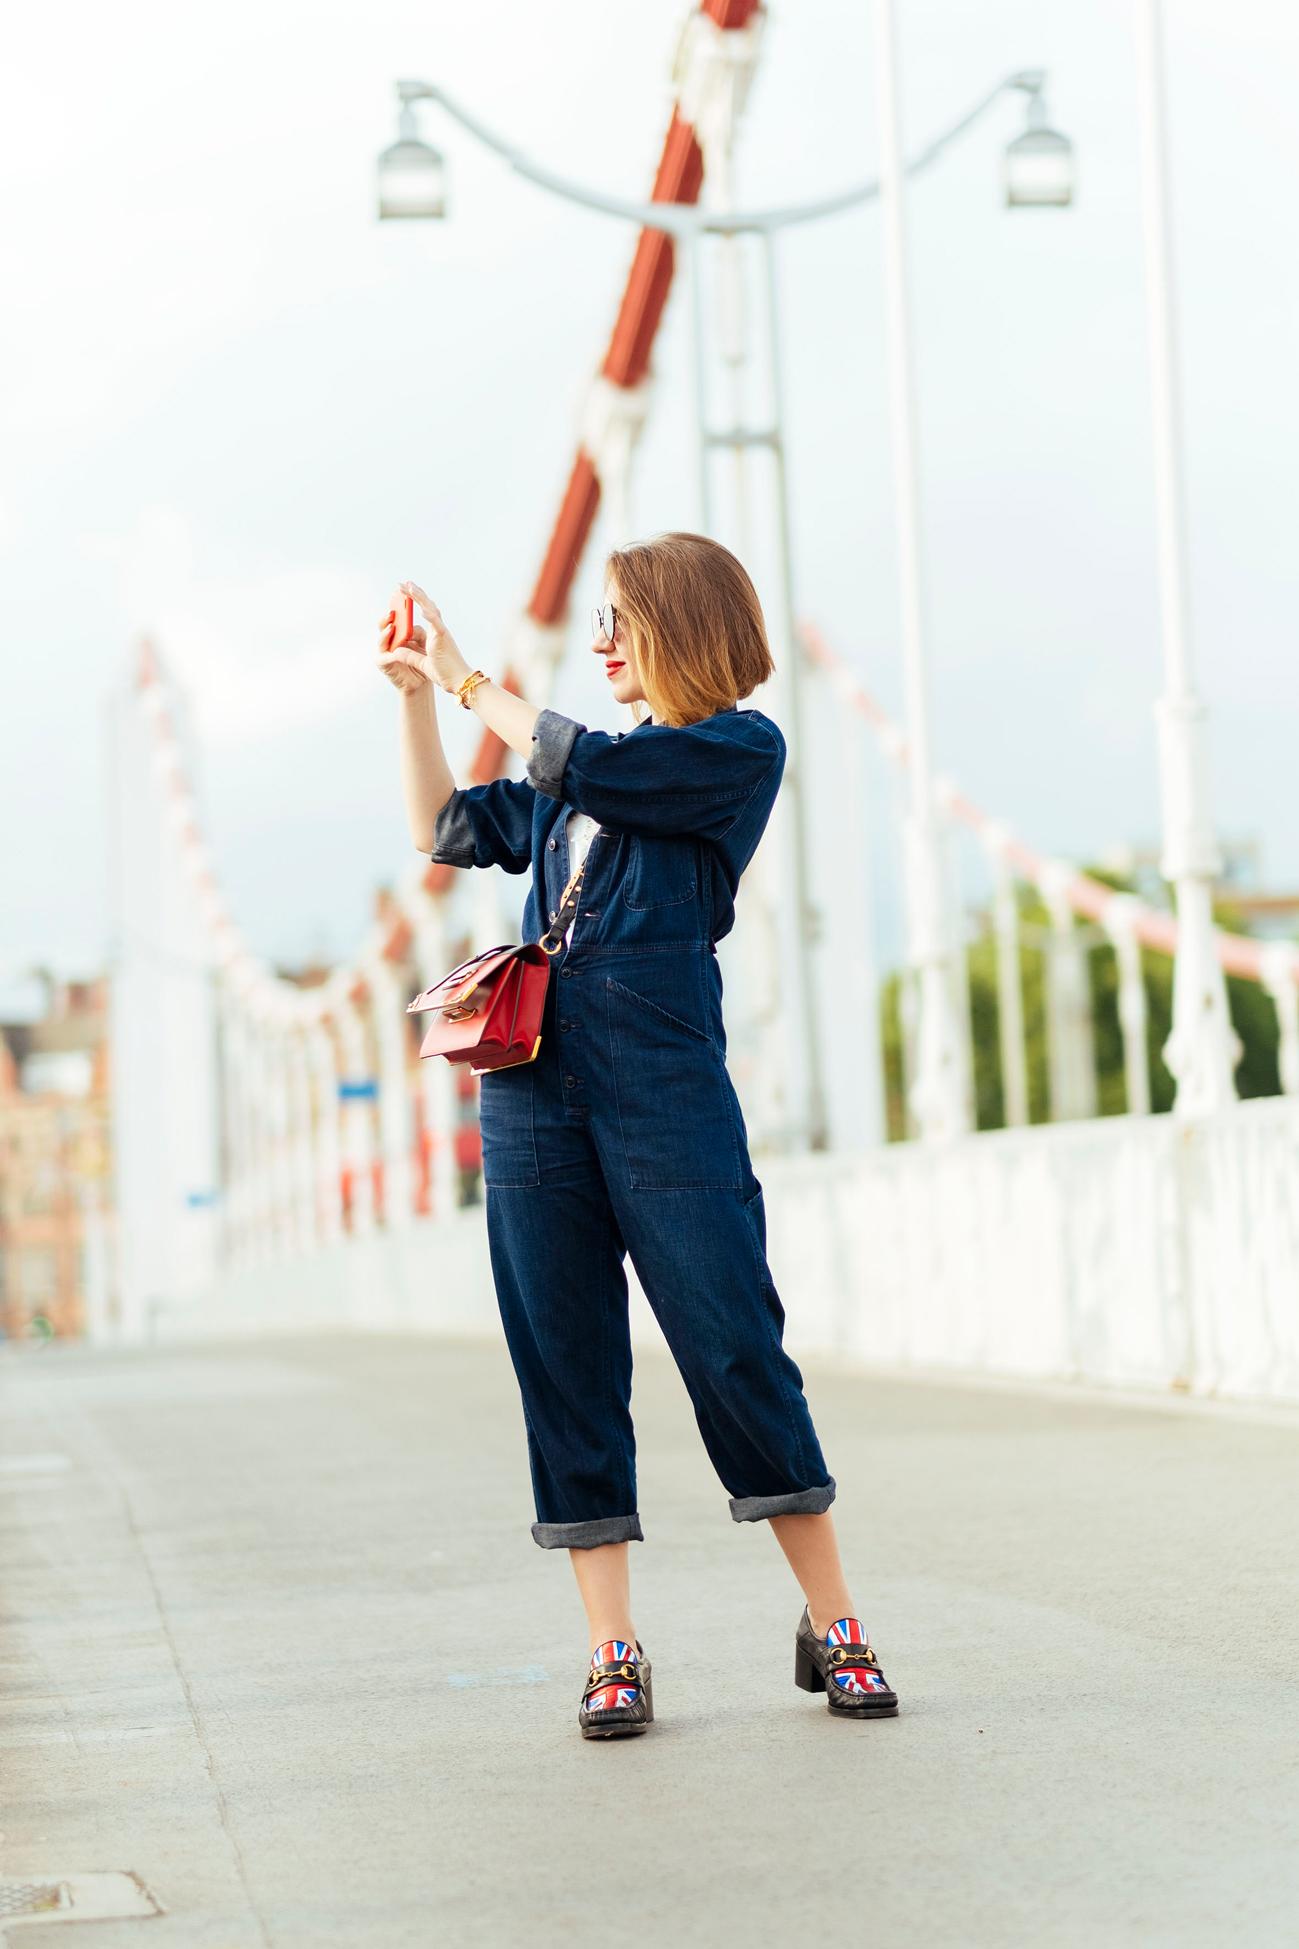 7 More Minutes. Fashion, travel and lifestyle blog. Блог Алены Гасимовой. Осенний Вопрос. Джинсовый Комбинезон. www.7moreminutes.com